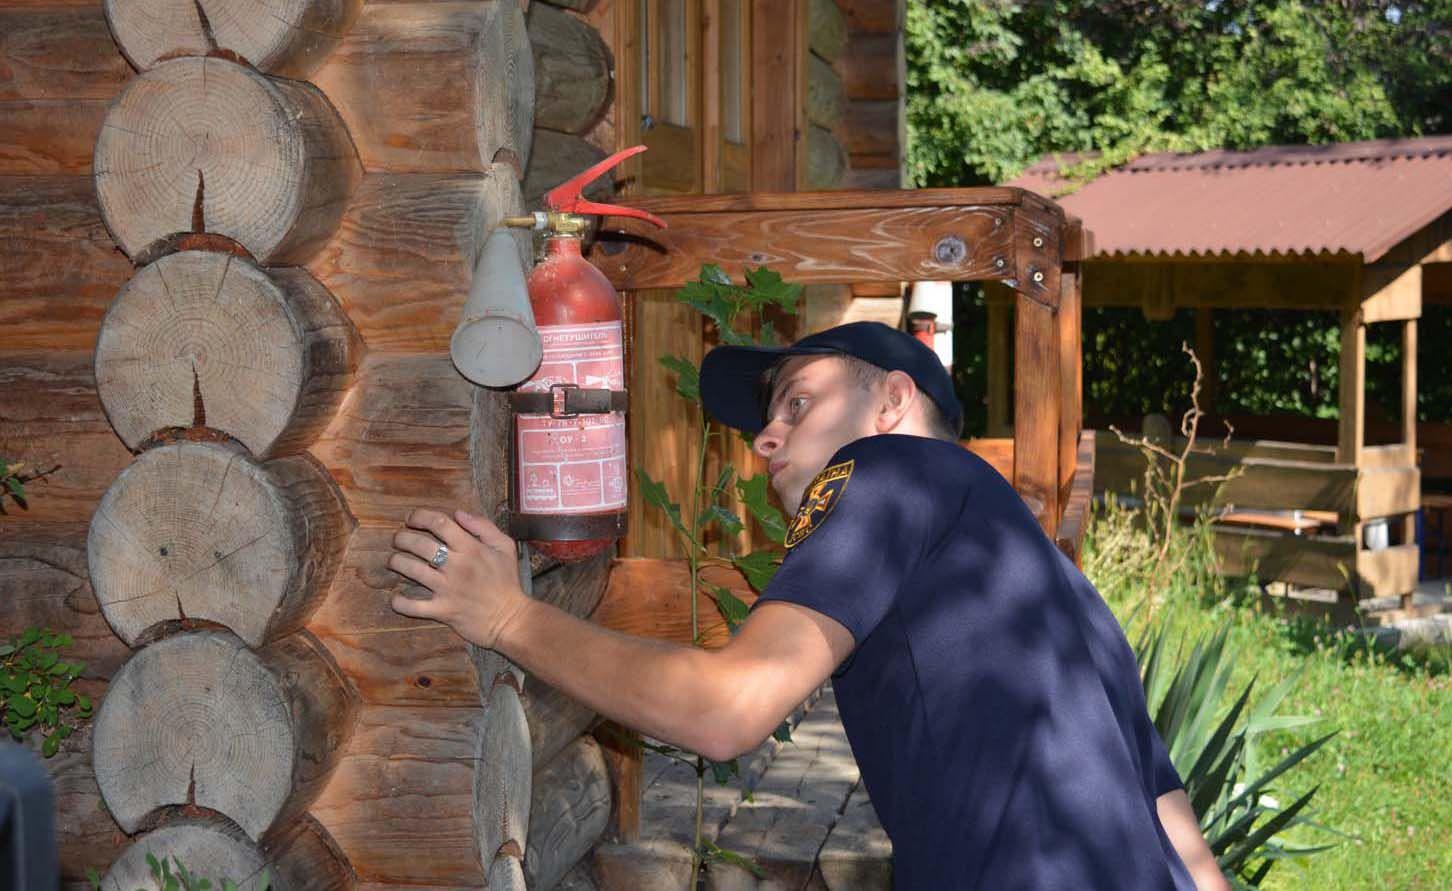 Ужгородські рятувальники перевіряють готелі